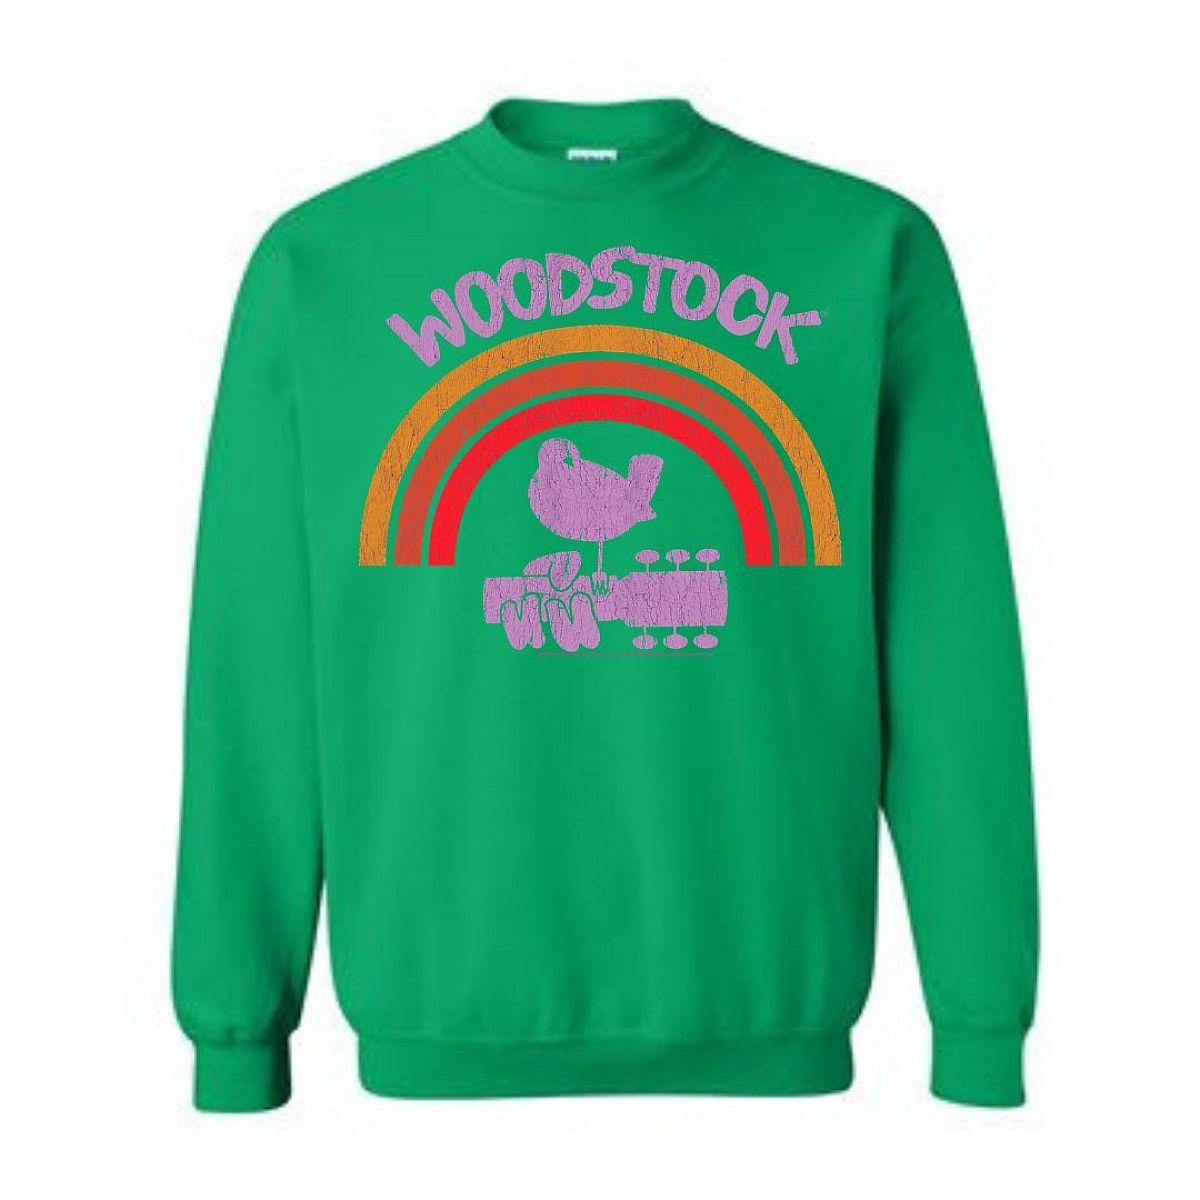 Rainbow Crew Neck Sweatshirt